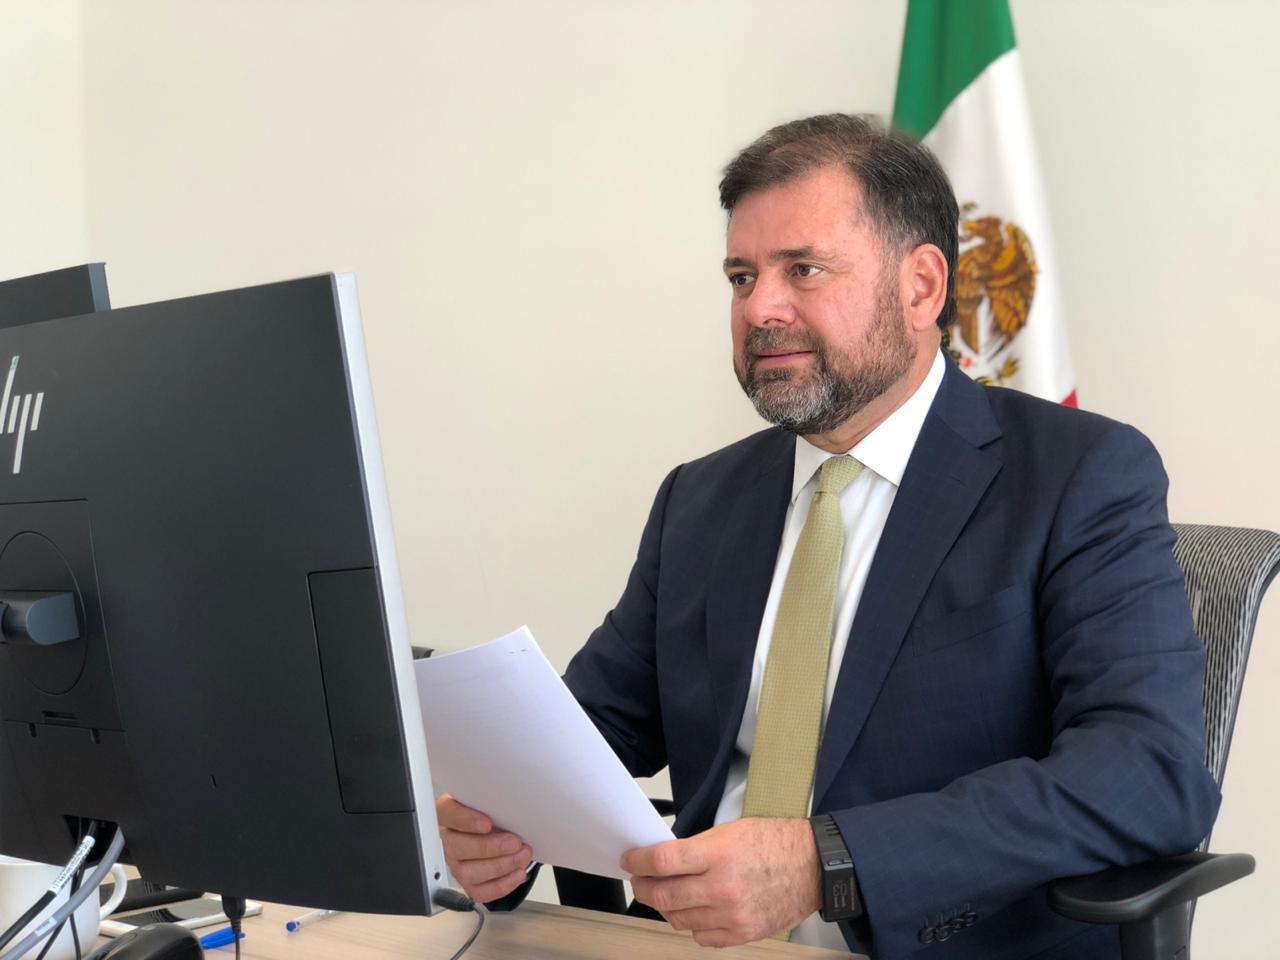 Presentan en Congreso de Guanajuato iniciativa para que extorsión tenga prisión preventiva de oficio